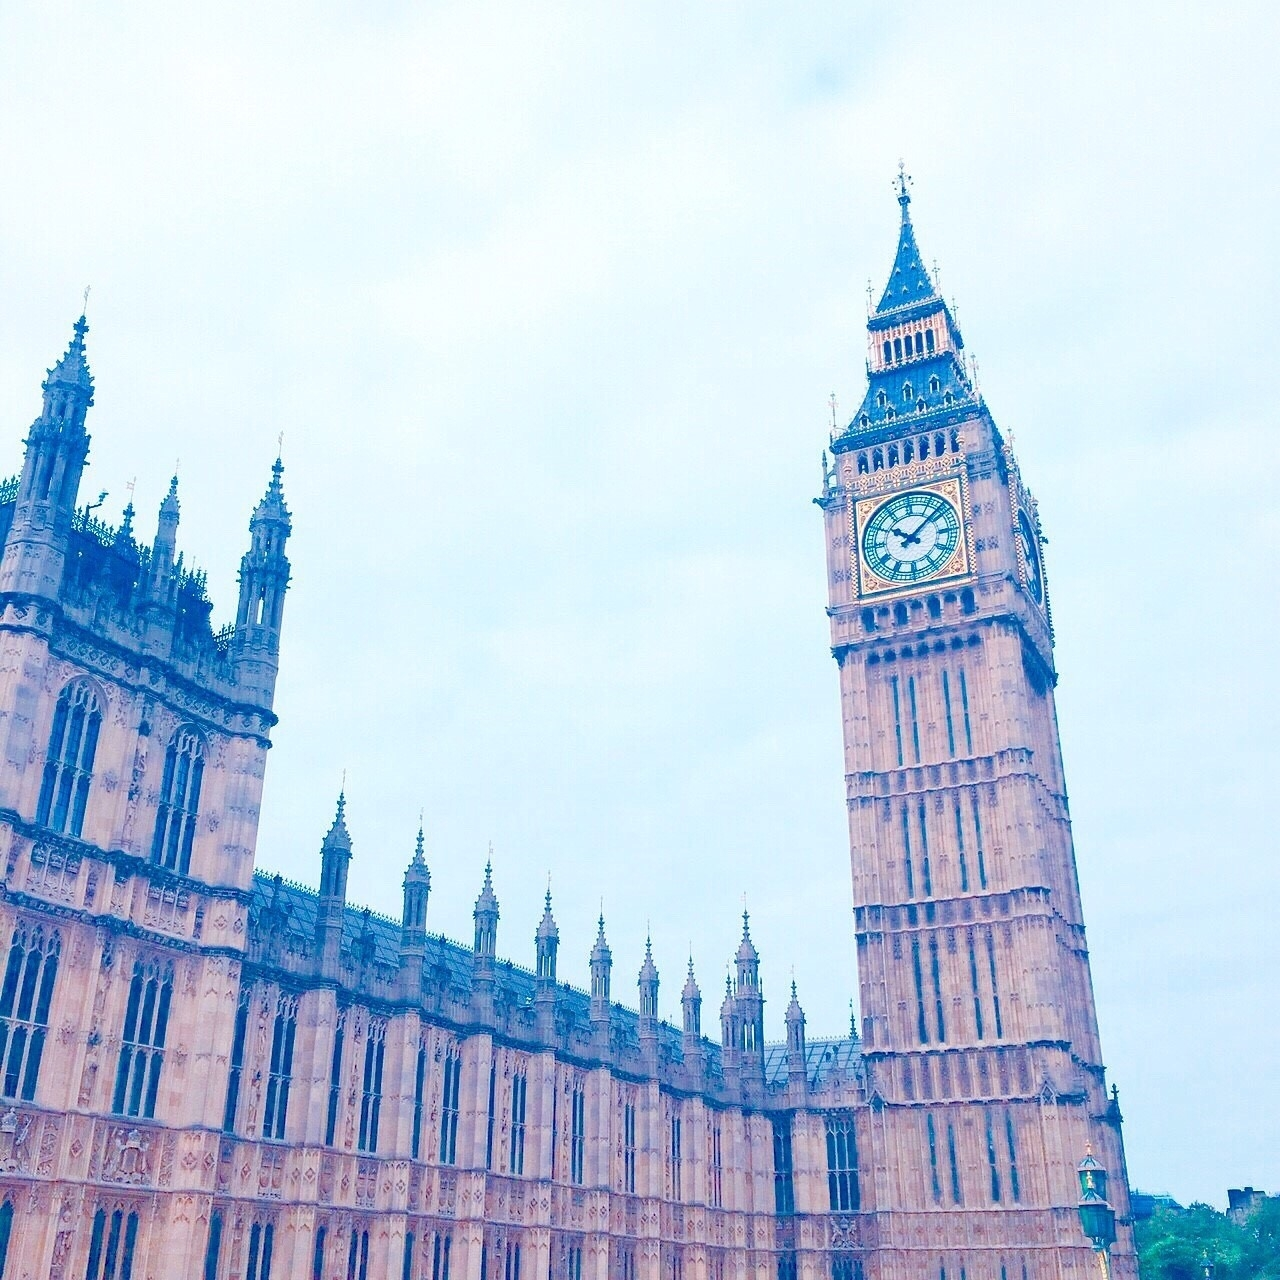 結 ロンドン 羽生 弦 ブログ